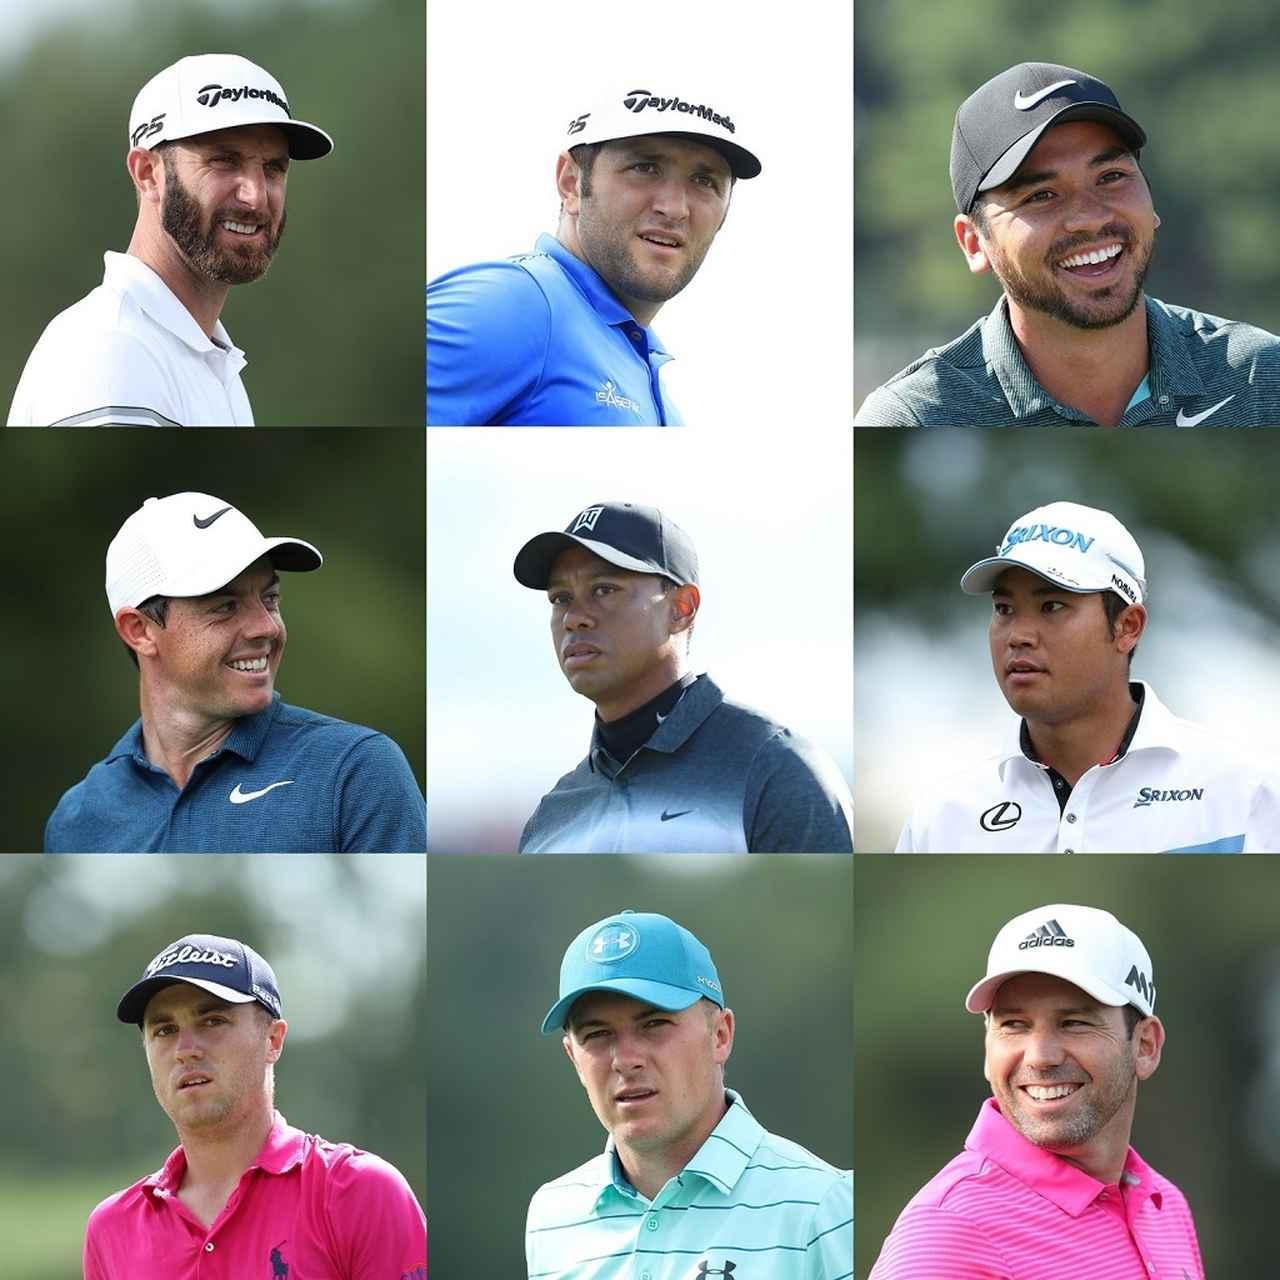 画像: 左上から時計回りにジョンソン、ラーム、デイ、松山、ガルシア、スピース、マキロイ(真ん中はタイガー)。2018年の主役は誰だ!?